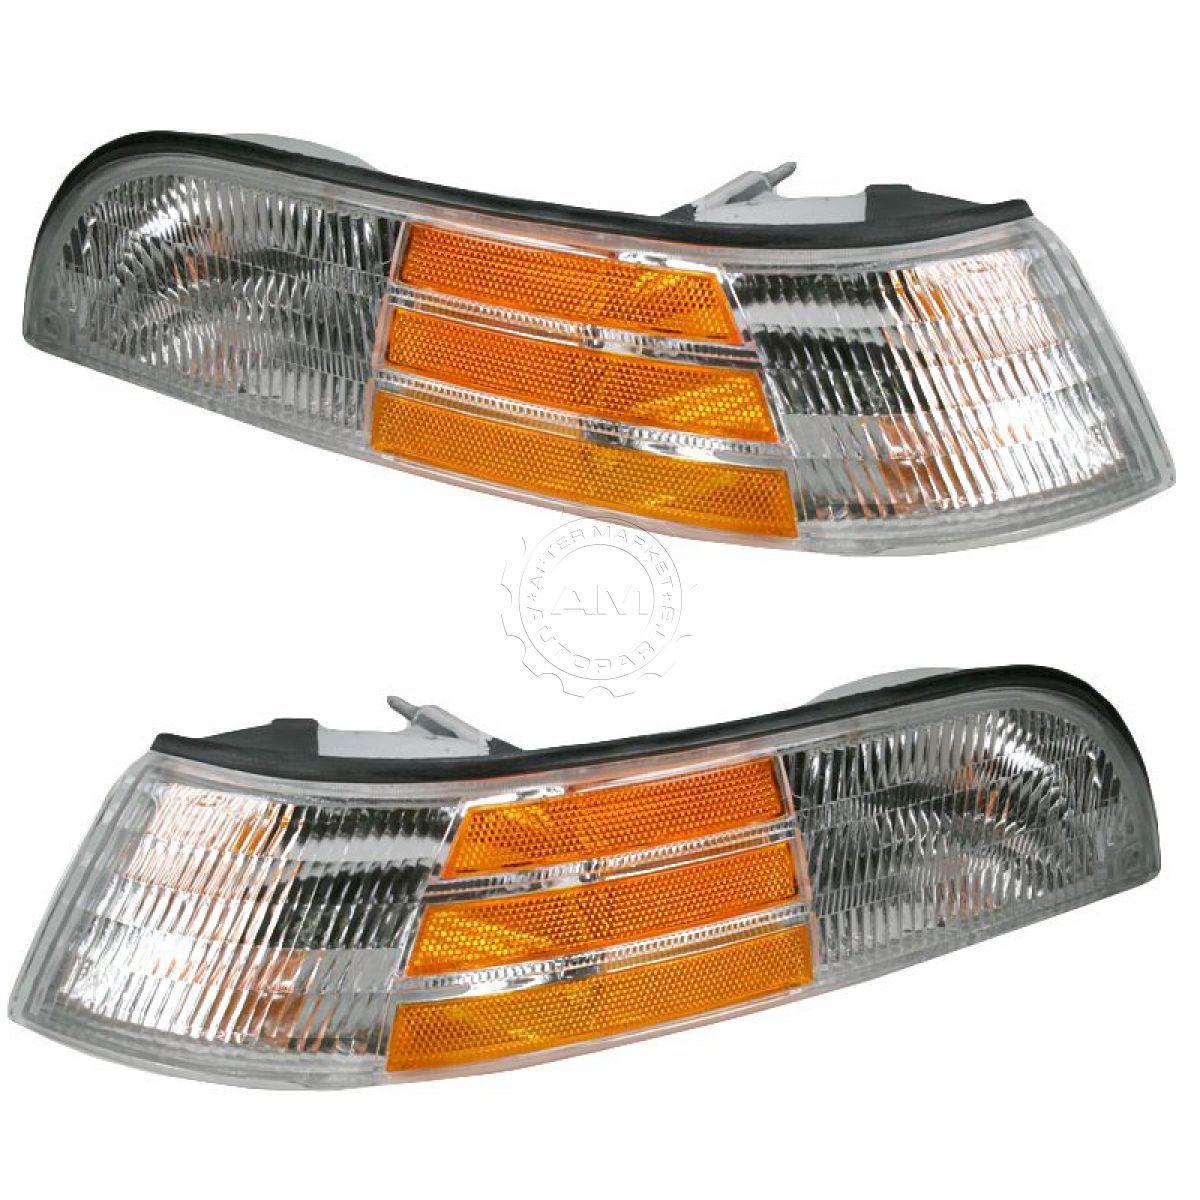 コーナーライト Corner Parking Turn Signal Lights LH & RH Pair Set for 92-97 Crown Victoria LX コーナーパーキングターンシグナルライトLH& RHペアは92-97クラウンビクトリアLXのために設定